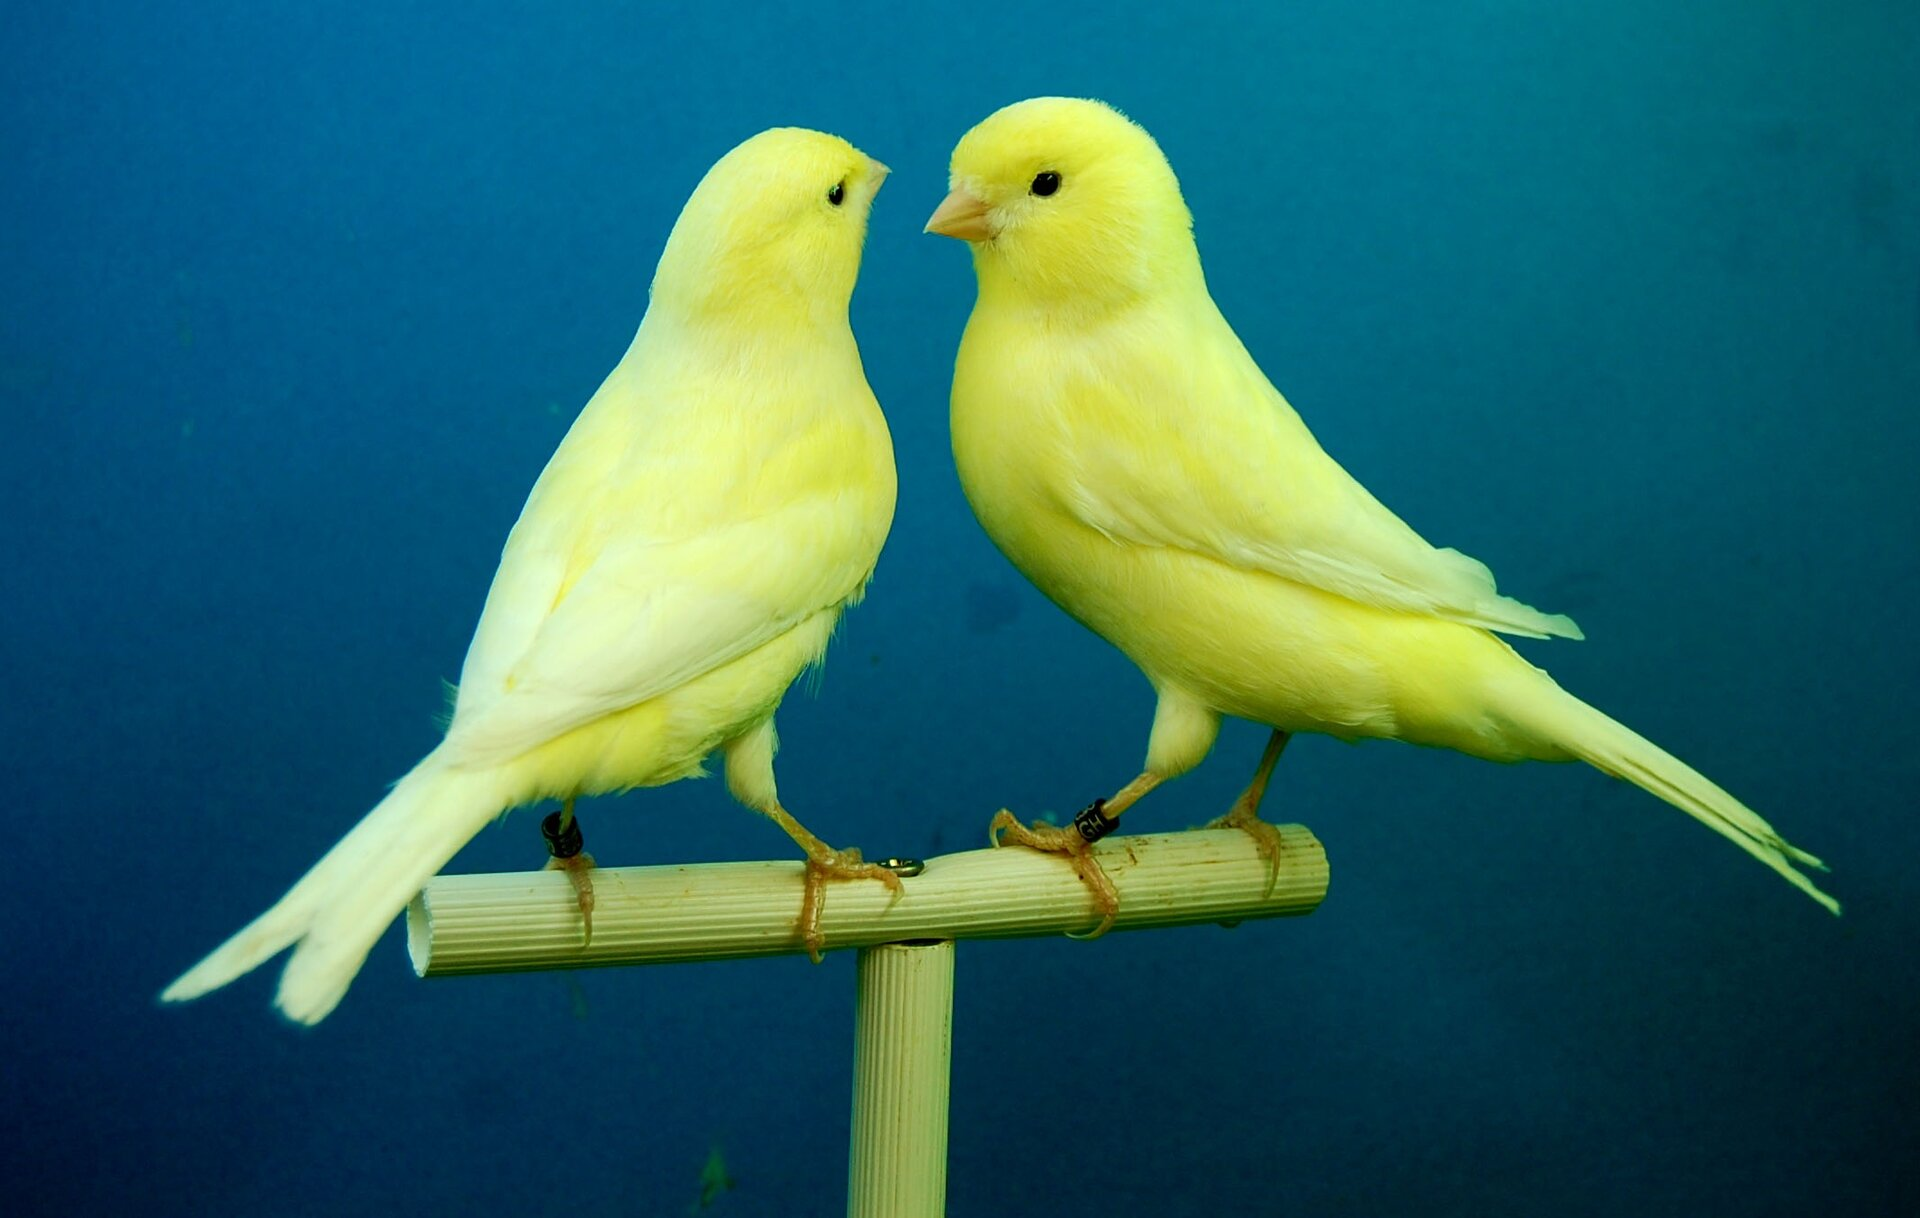 Fotografia prezentuje dwa żółte kanarki zwrócone do siebie istojące na patyku.